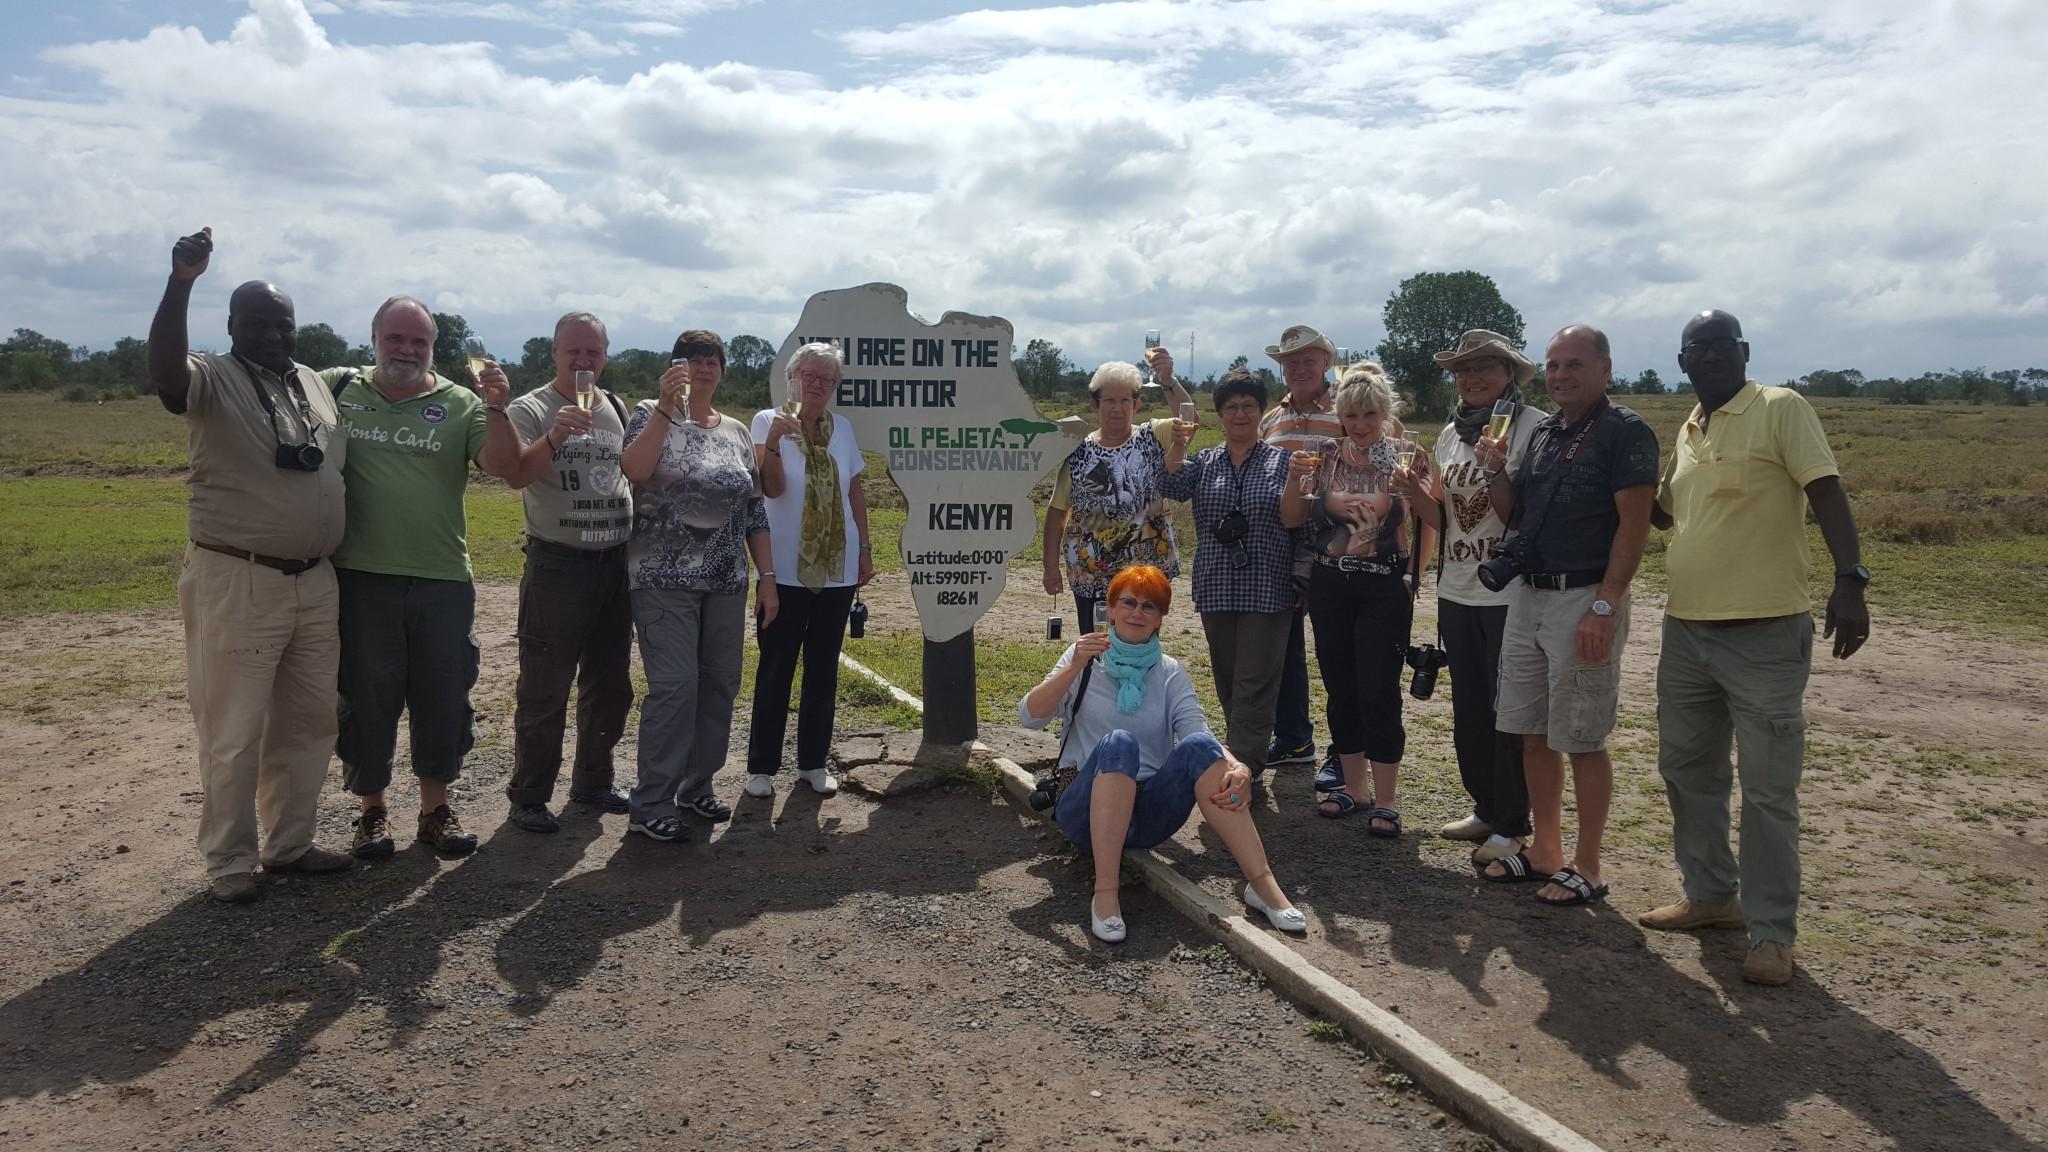 Reisegruppe Keniaspezialist Reisekontor Schmidt am Äquator in Kenia auf Kenia Safari Tour